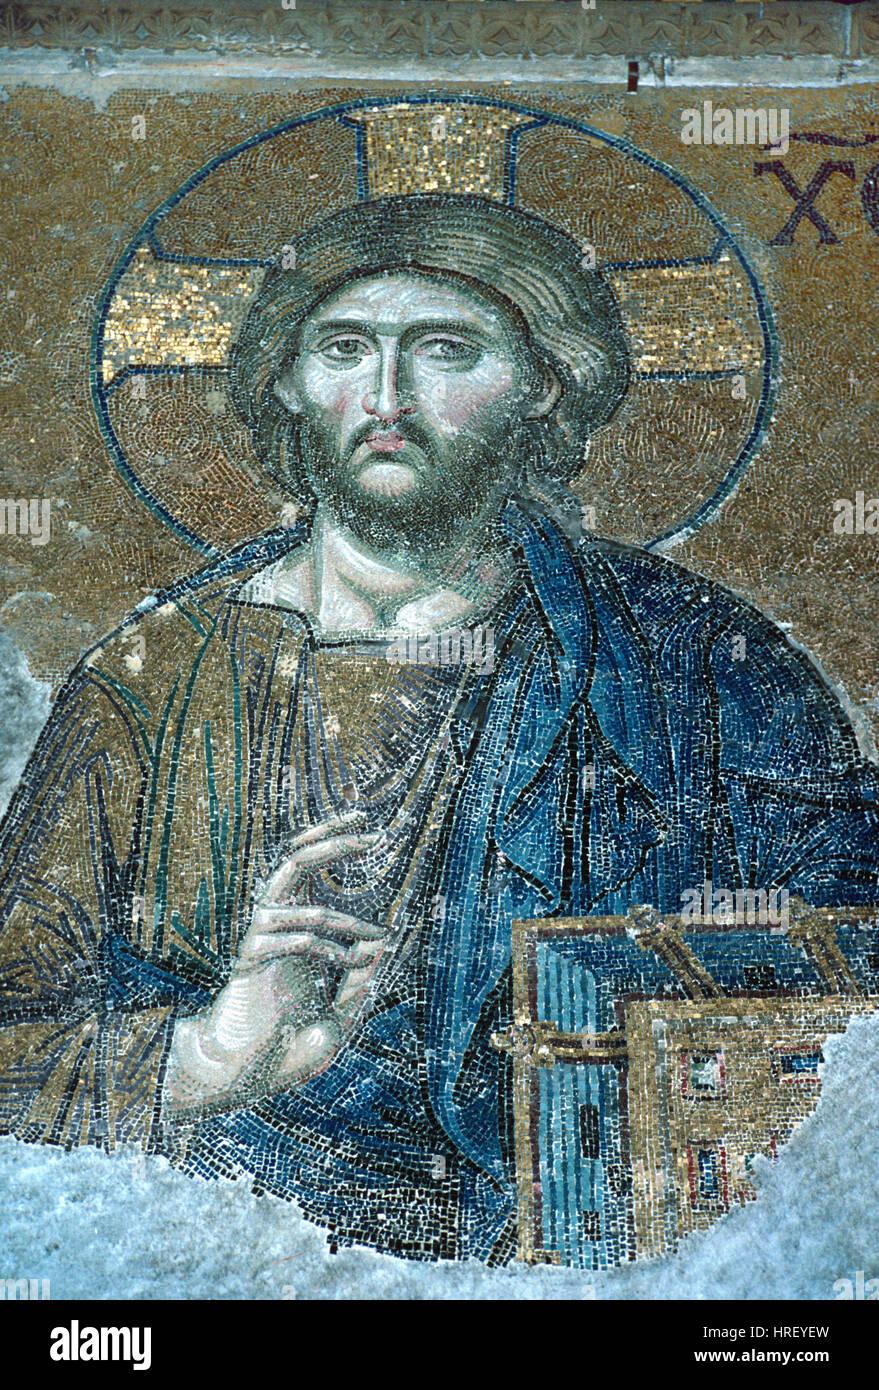 Jesucristo o Cristo Pantocrátor sosteniendo una Biblia mosaico bizantino (c1261) parte del Deësis mosaico en la Catedral de Santa Sofía Hagia Sophia, Sancta Sophia o Aya Sofía Iglesia o Basílica Estambul Turquia Foto de stock